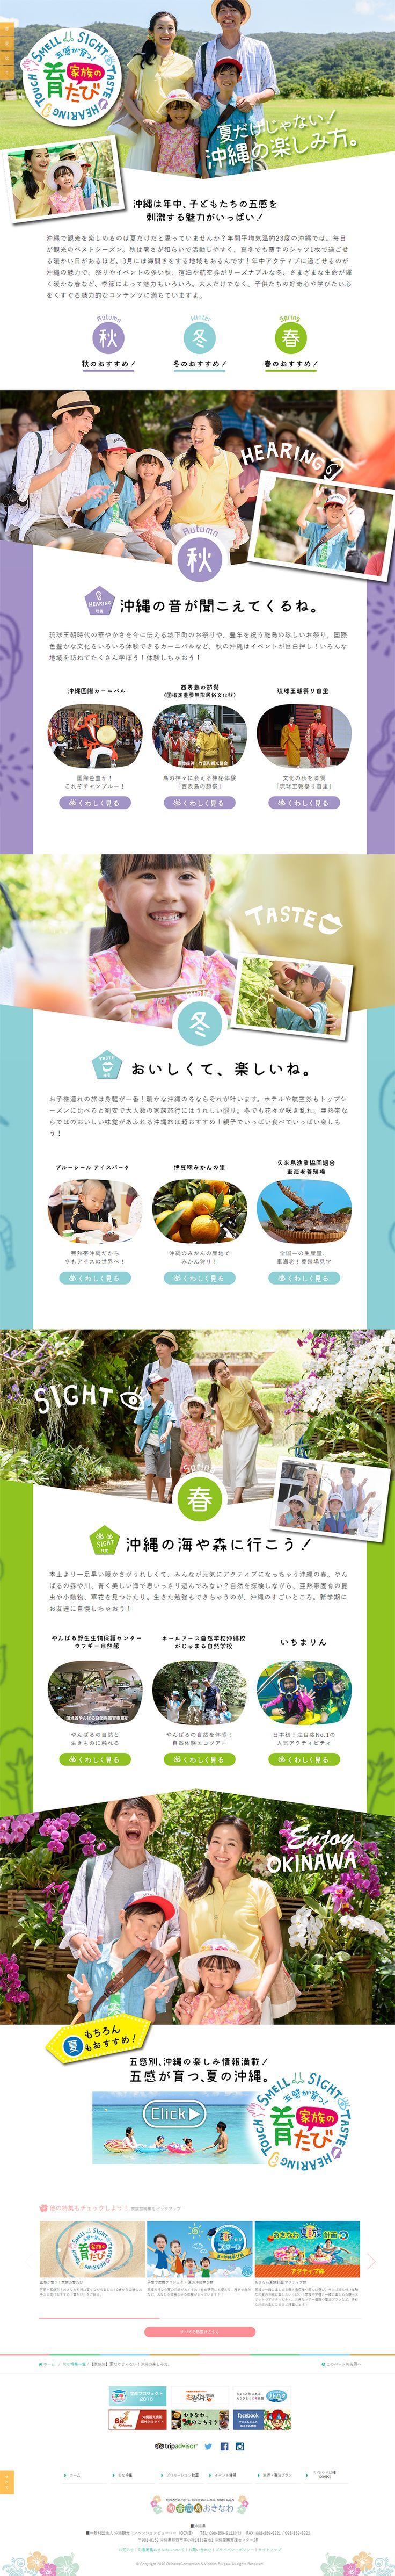 【家族旅】夏だけじゃない!沖縄の楽しみ方